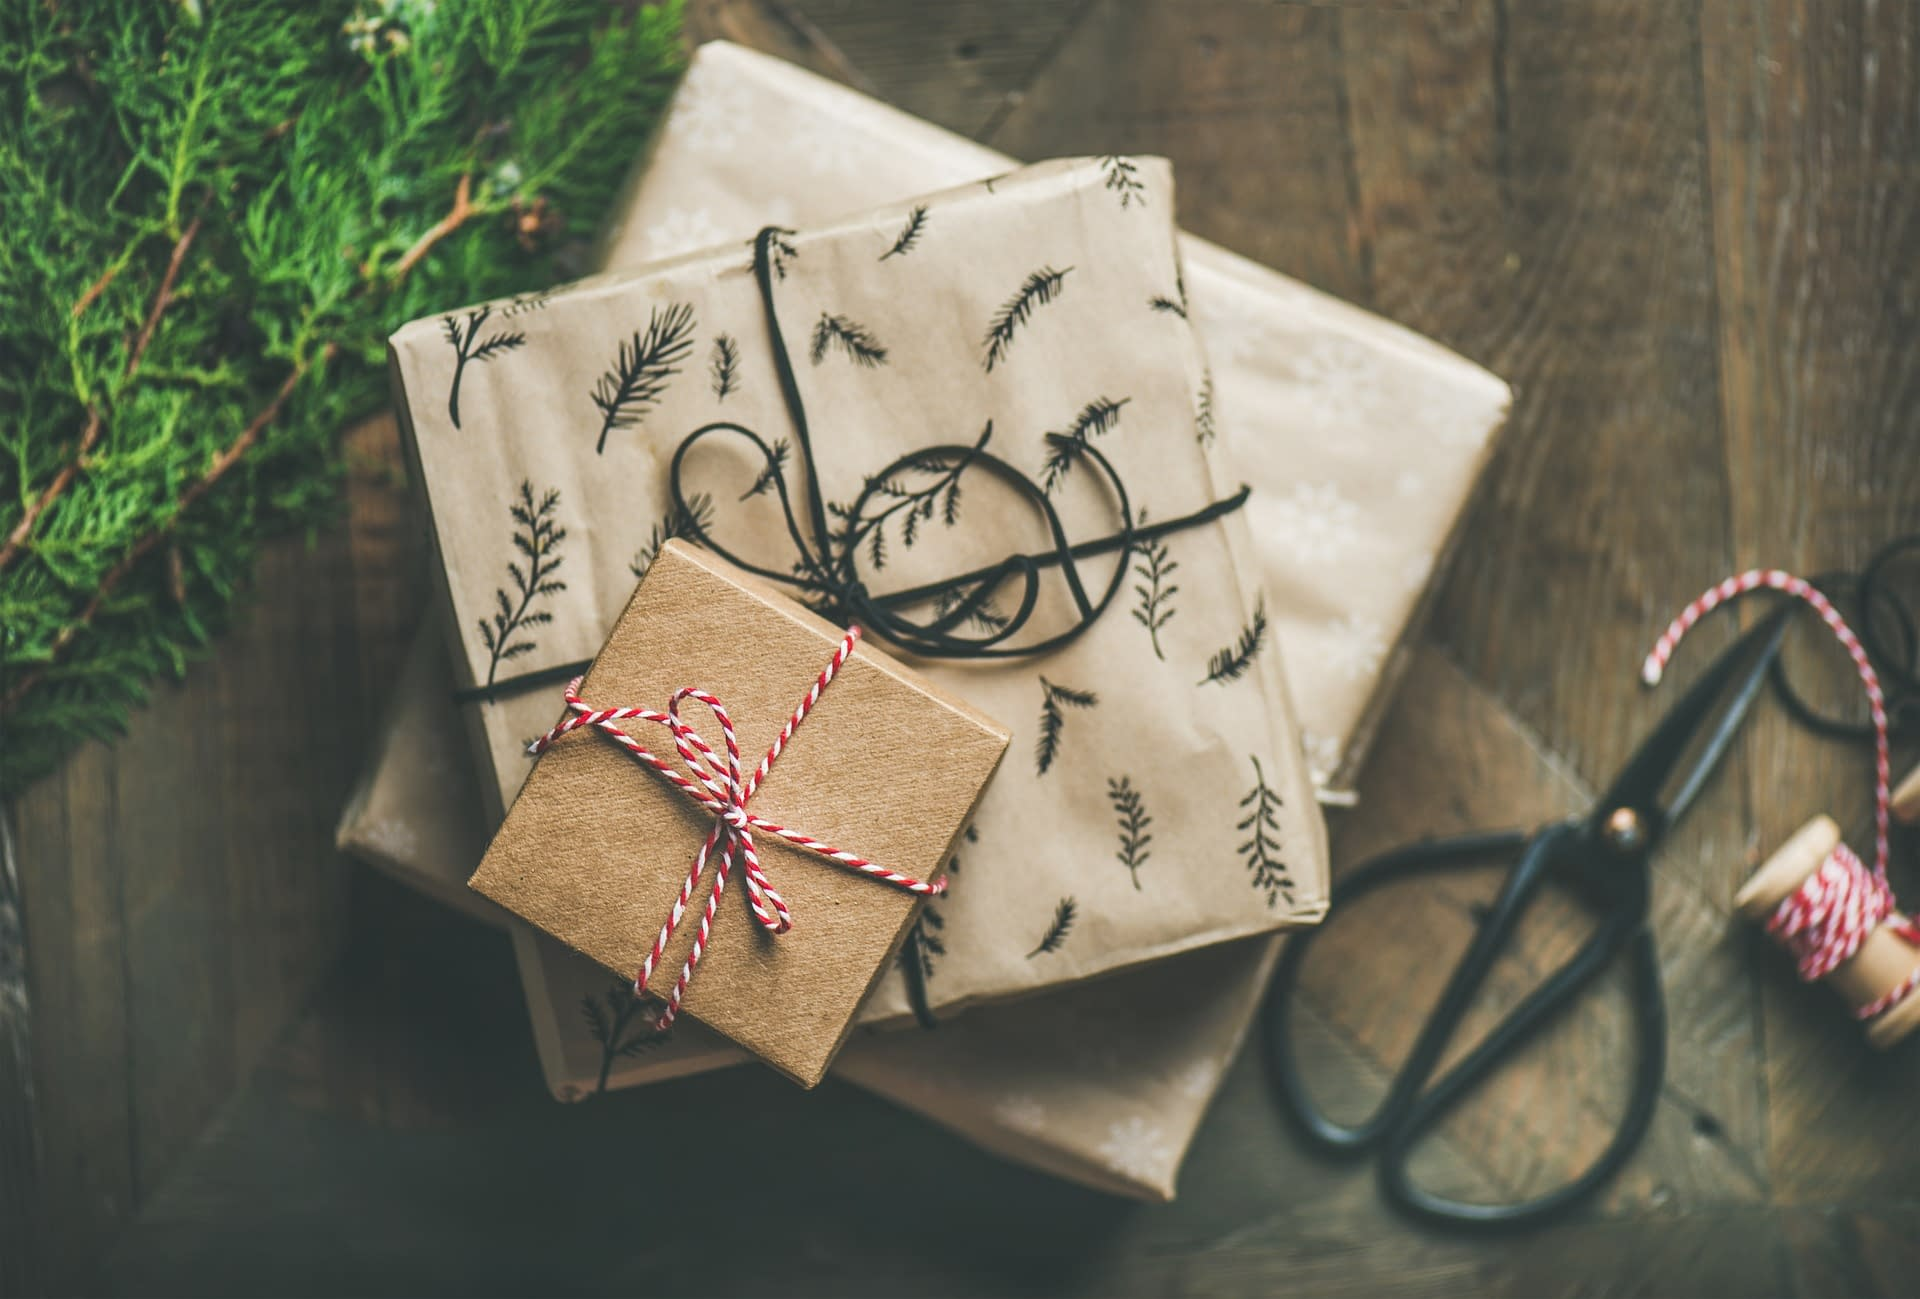 kerst verlanglijstje sfeerfoto